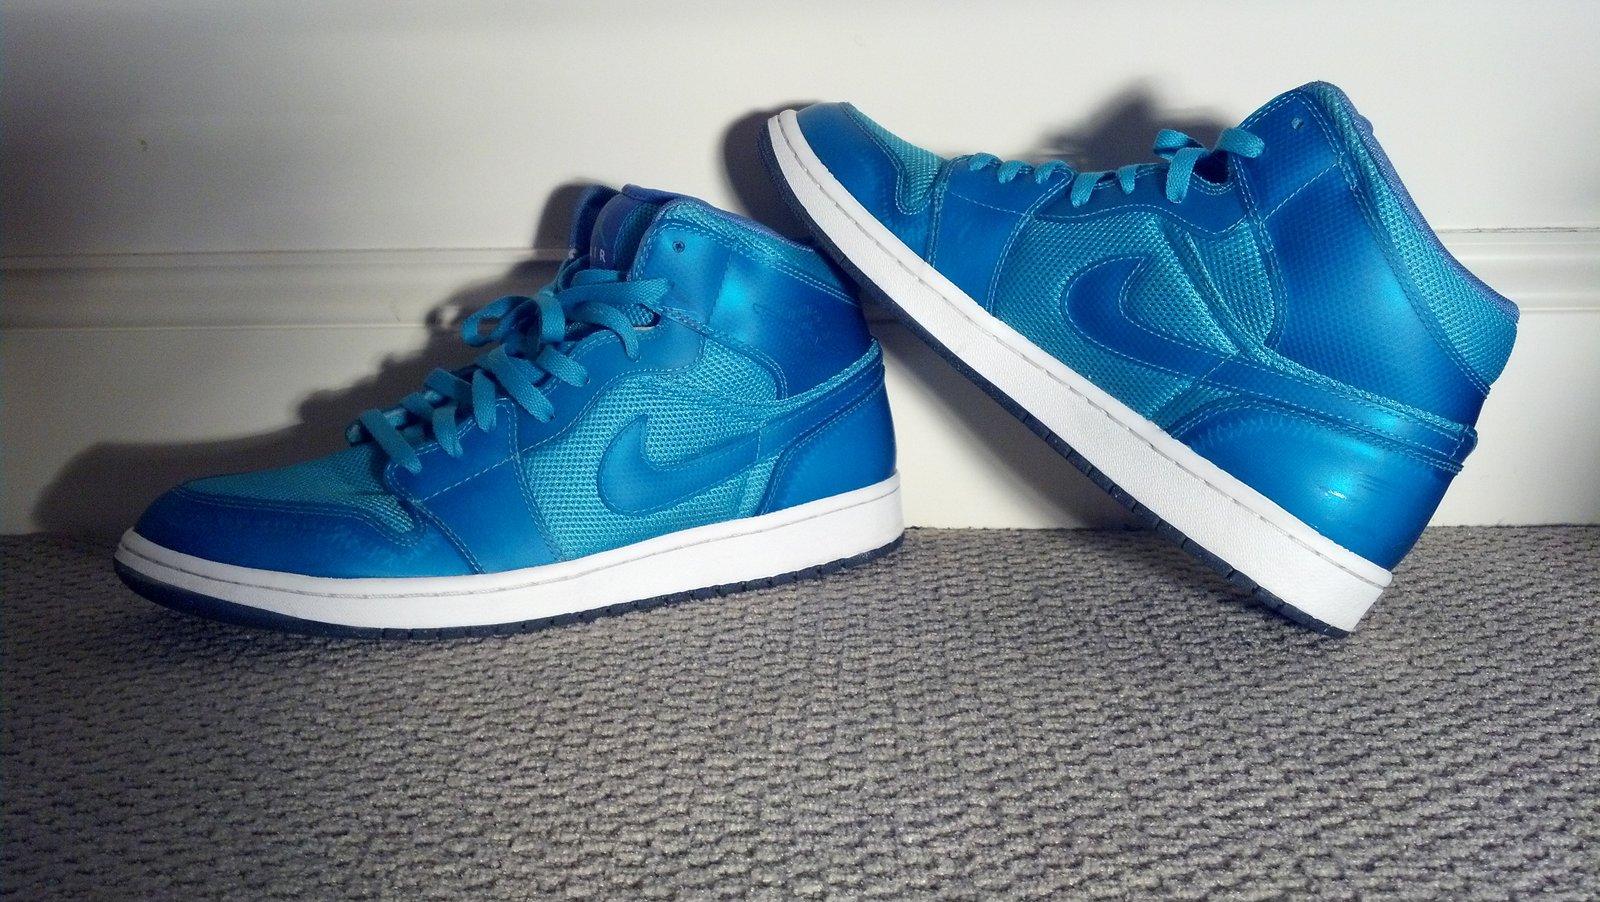 FS: Air Jordan 1